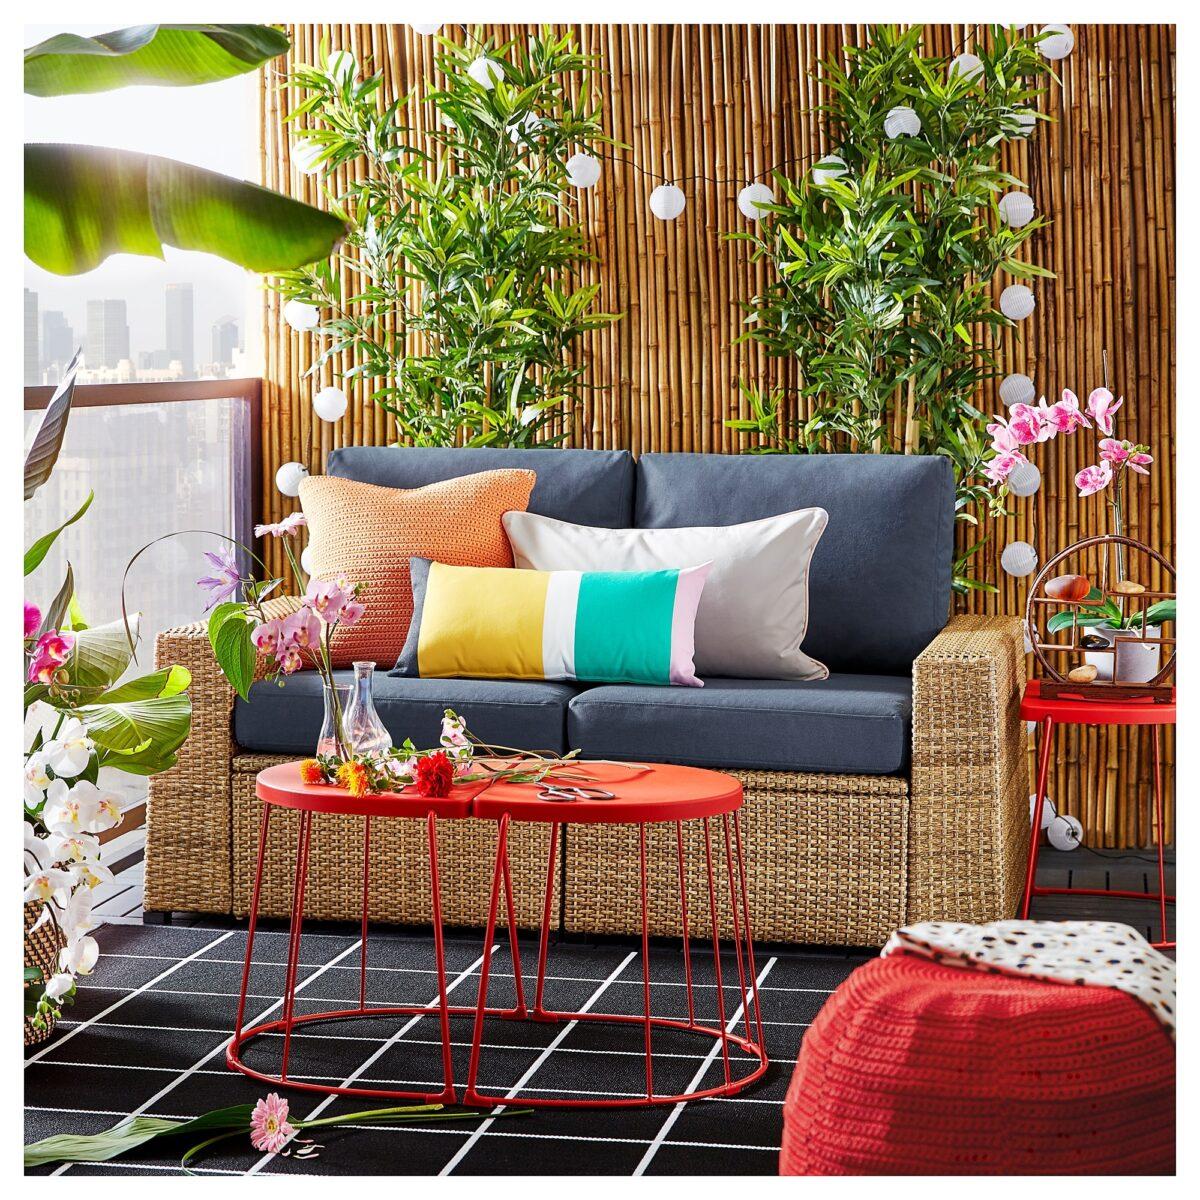 ikea-solleroen-divano